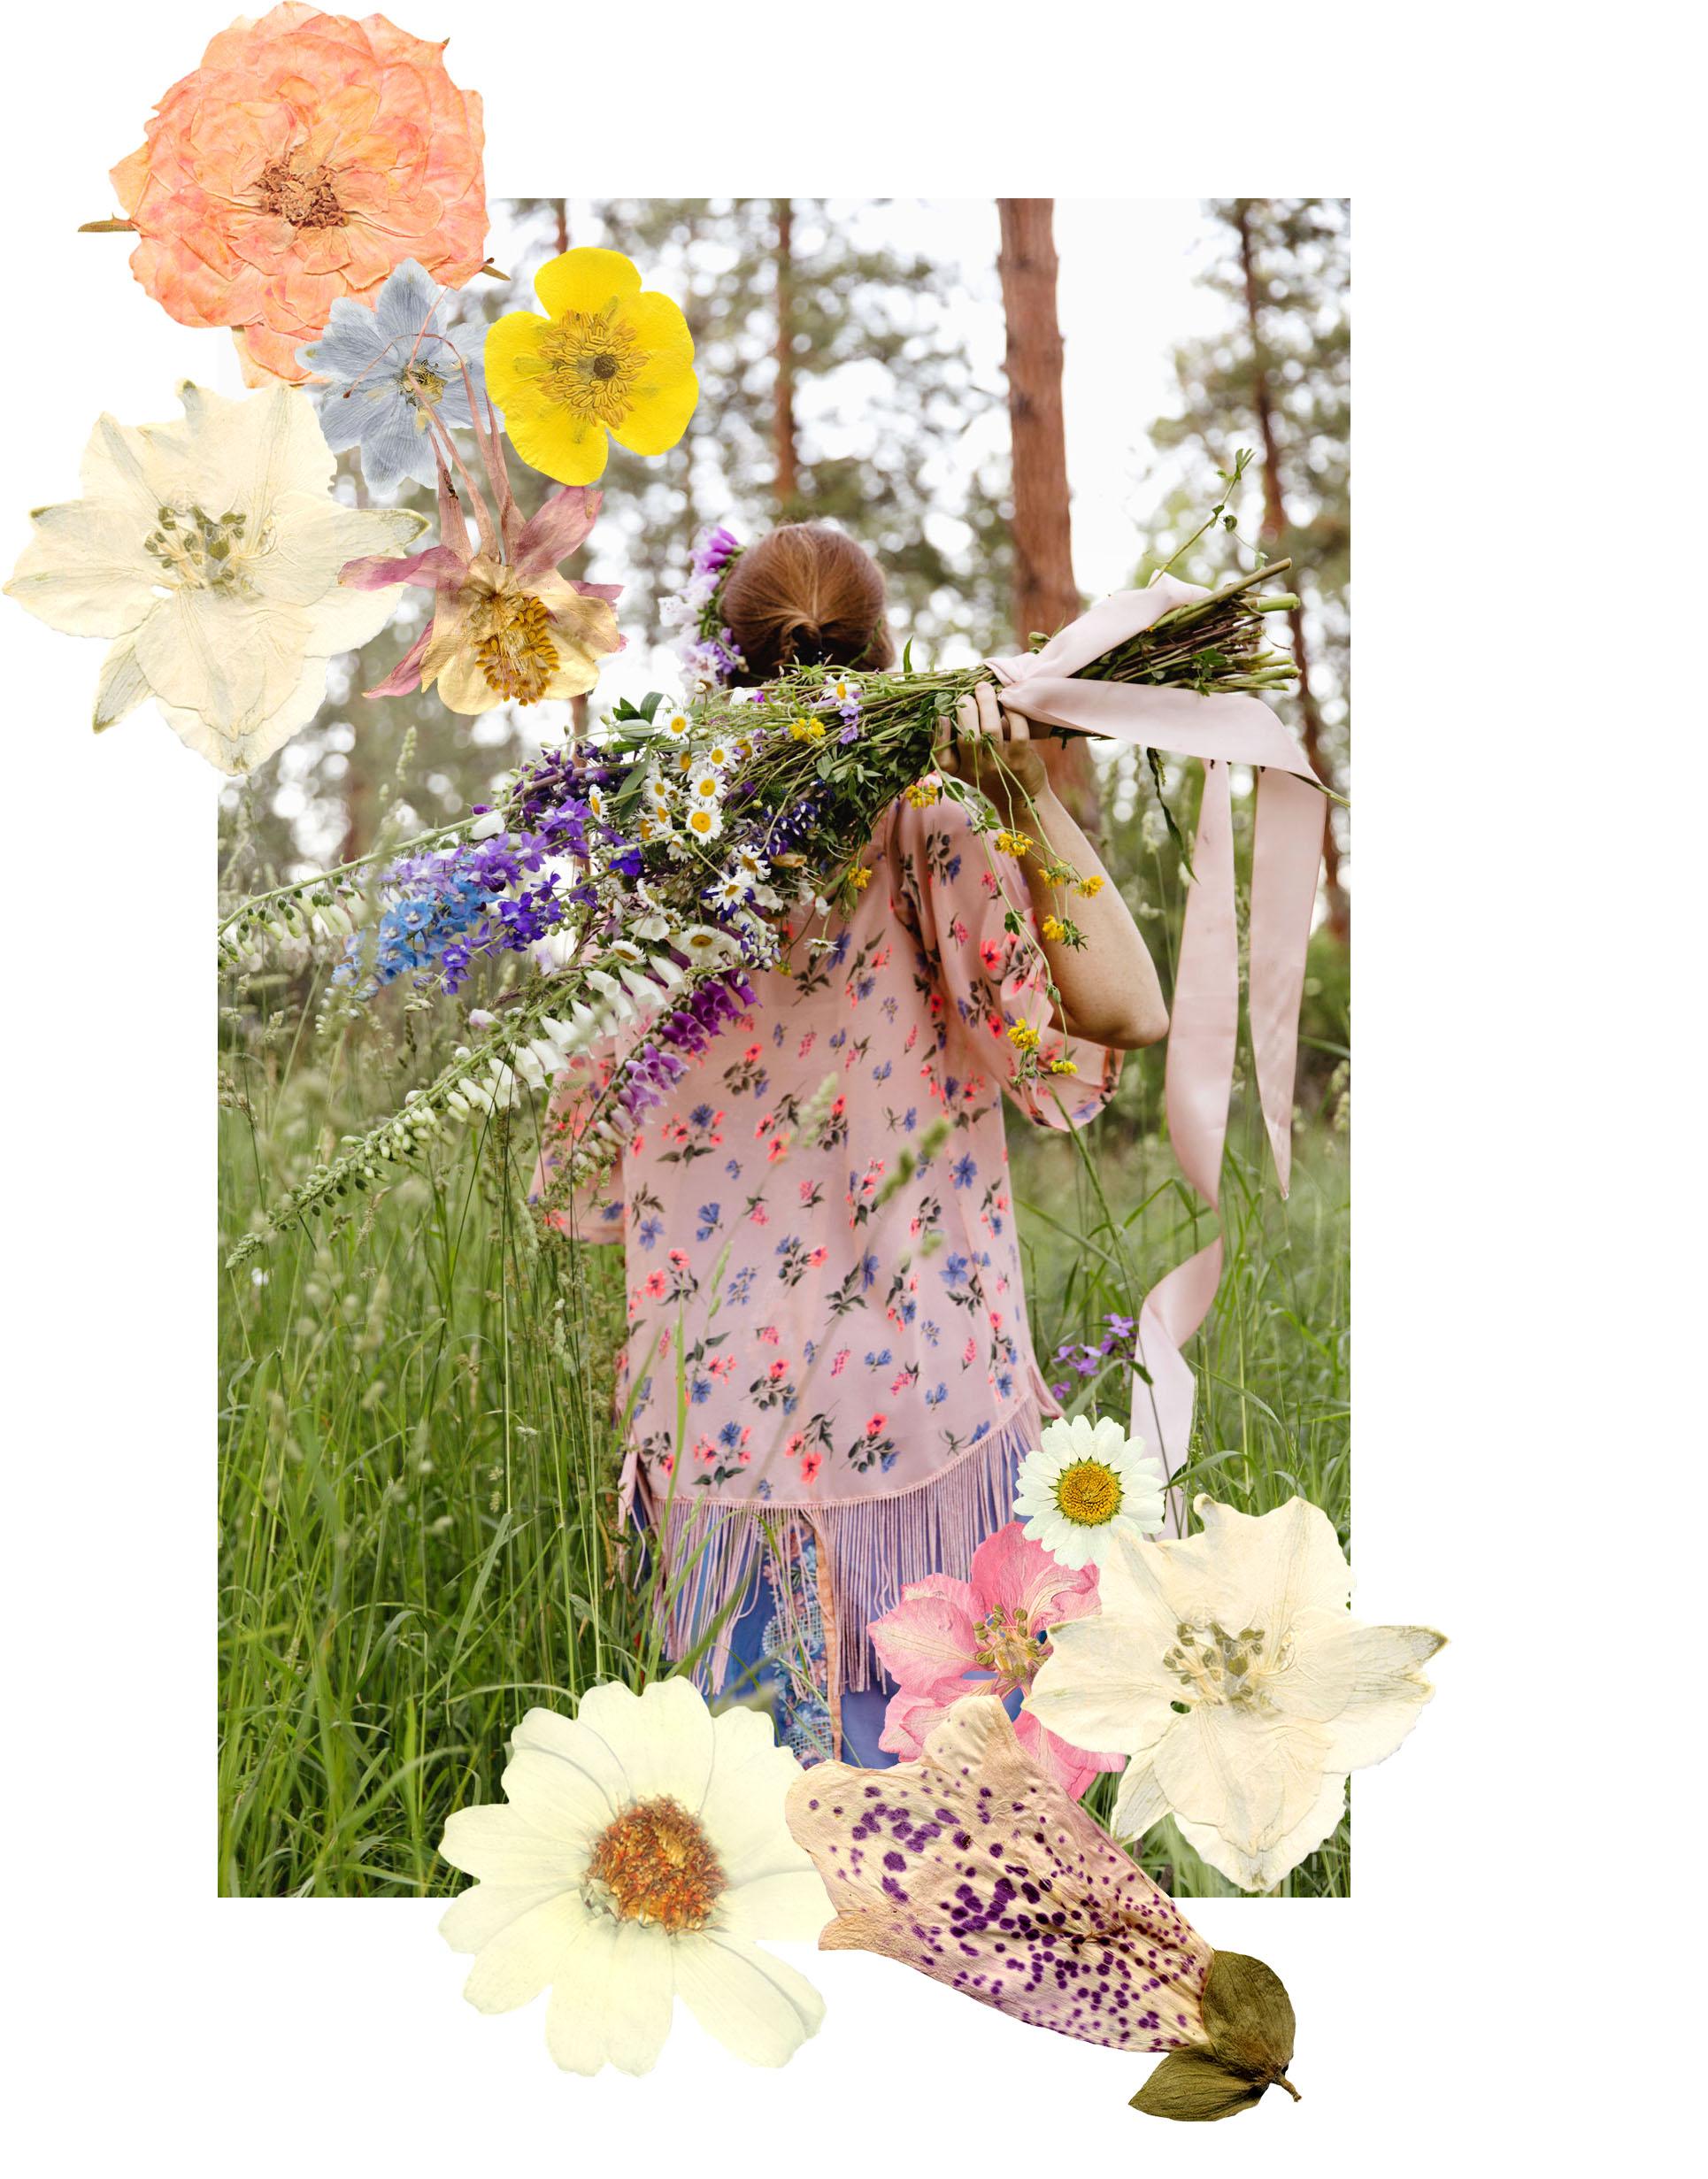 Pressedflower.jpg